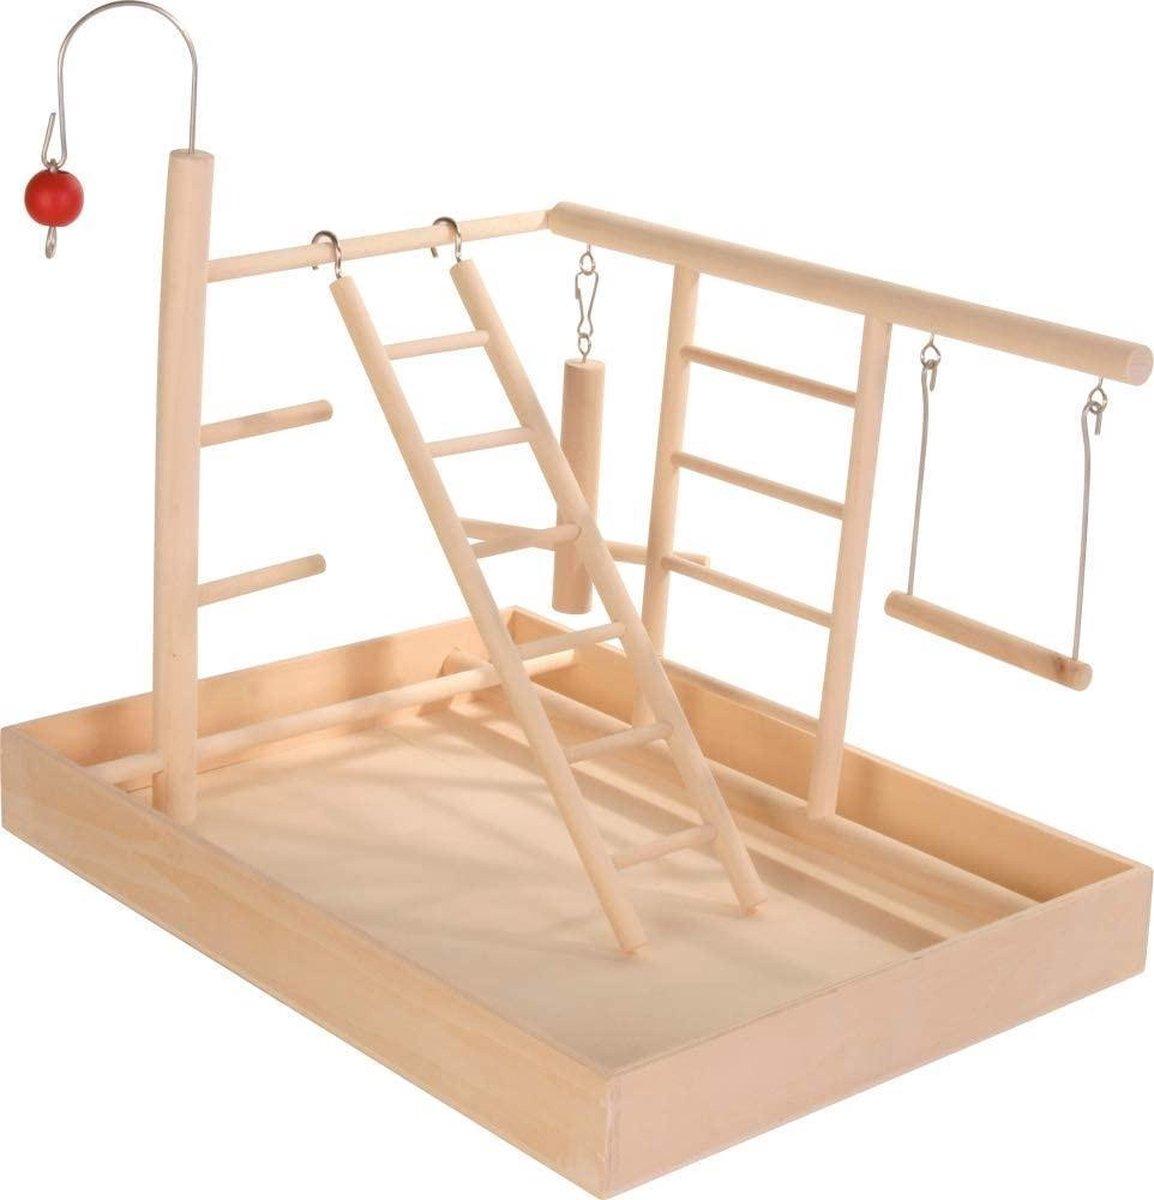 Trixie Speelplaats Hout Voor Kanarie En Parkiet - 35 x 5 x 27 cm